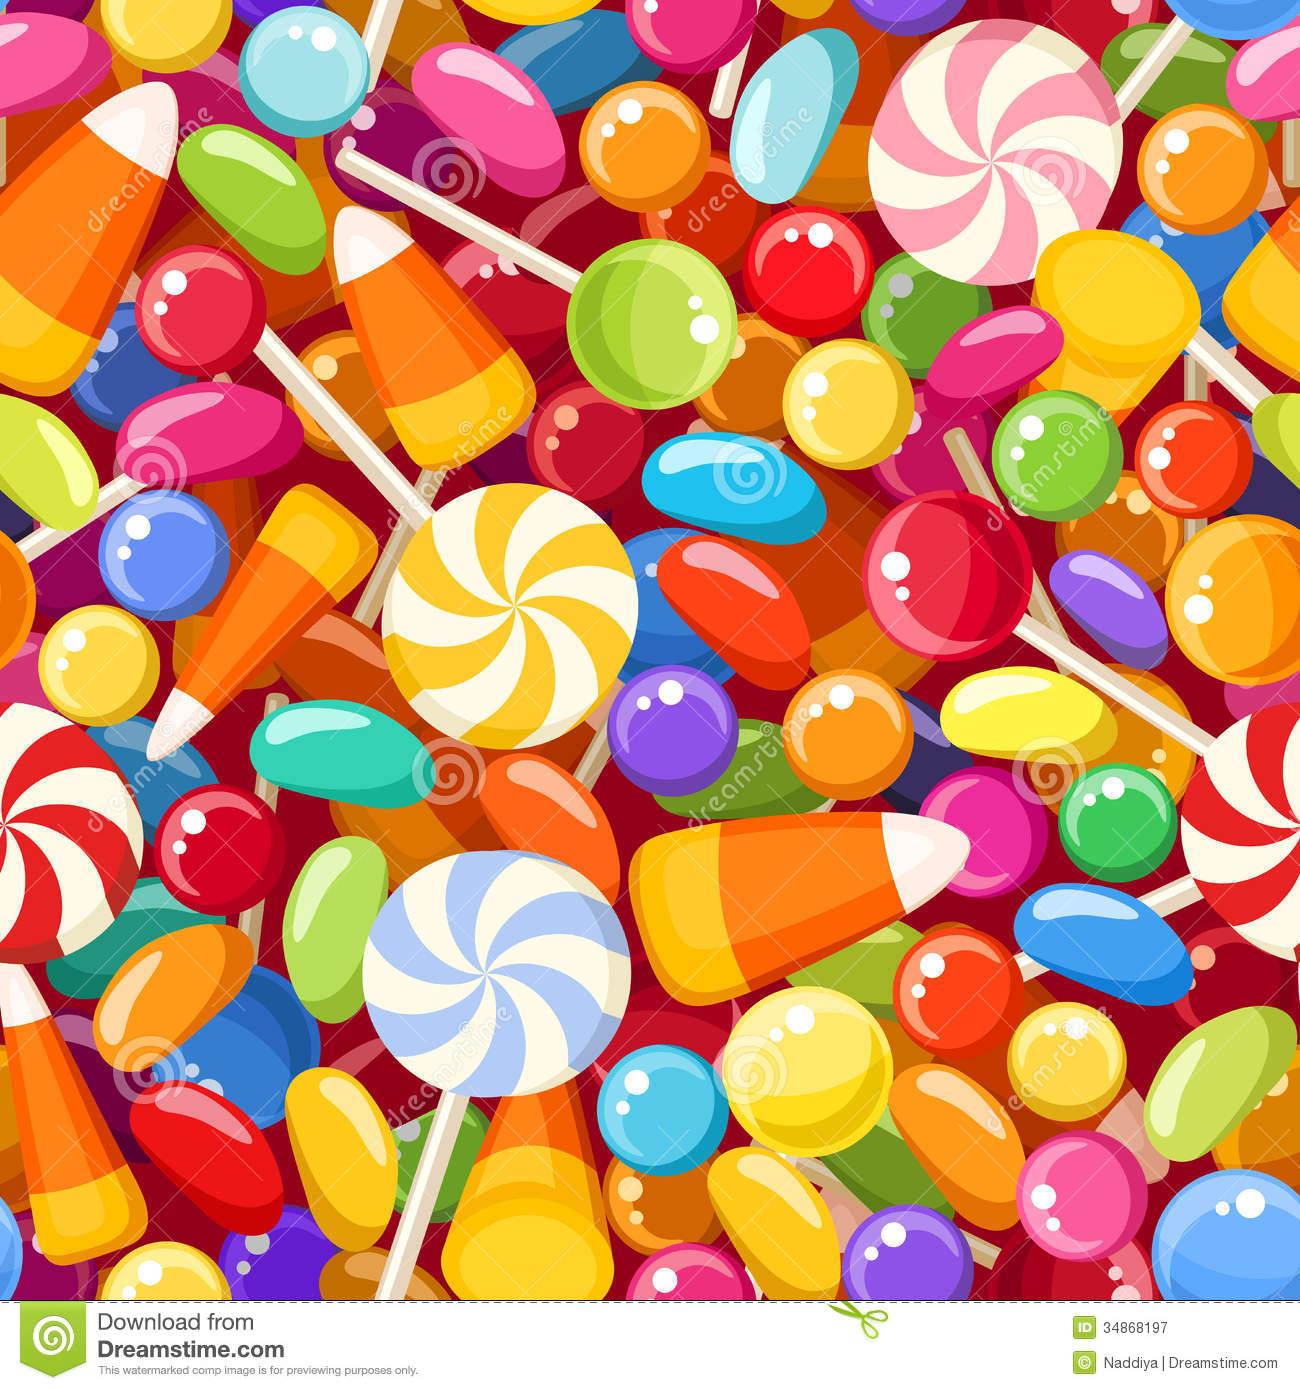 Colorful Candy Wallpaper - WallpaperSafari